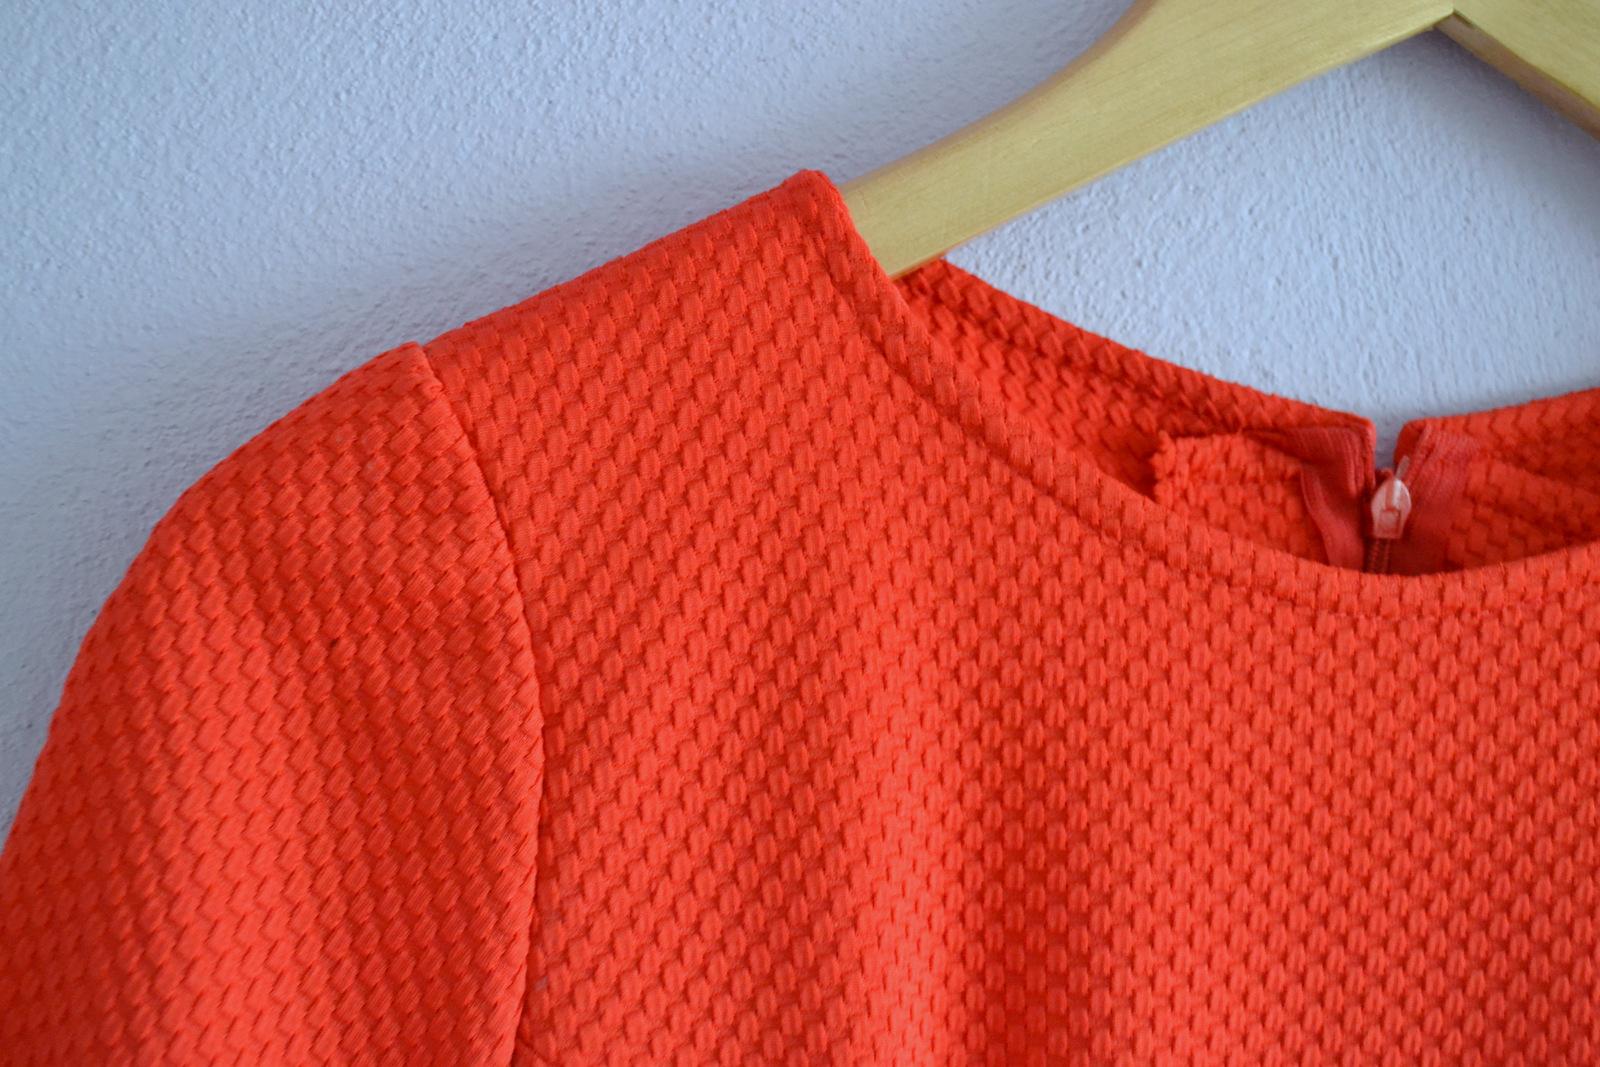 908c59361 Prvé šaty z jesennej dávky látok sú na svete :) Do posledného momentu (ako  píšem tento článok) sa neviem rozhodnúť, či sú šaty červené alebo korálové.